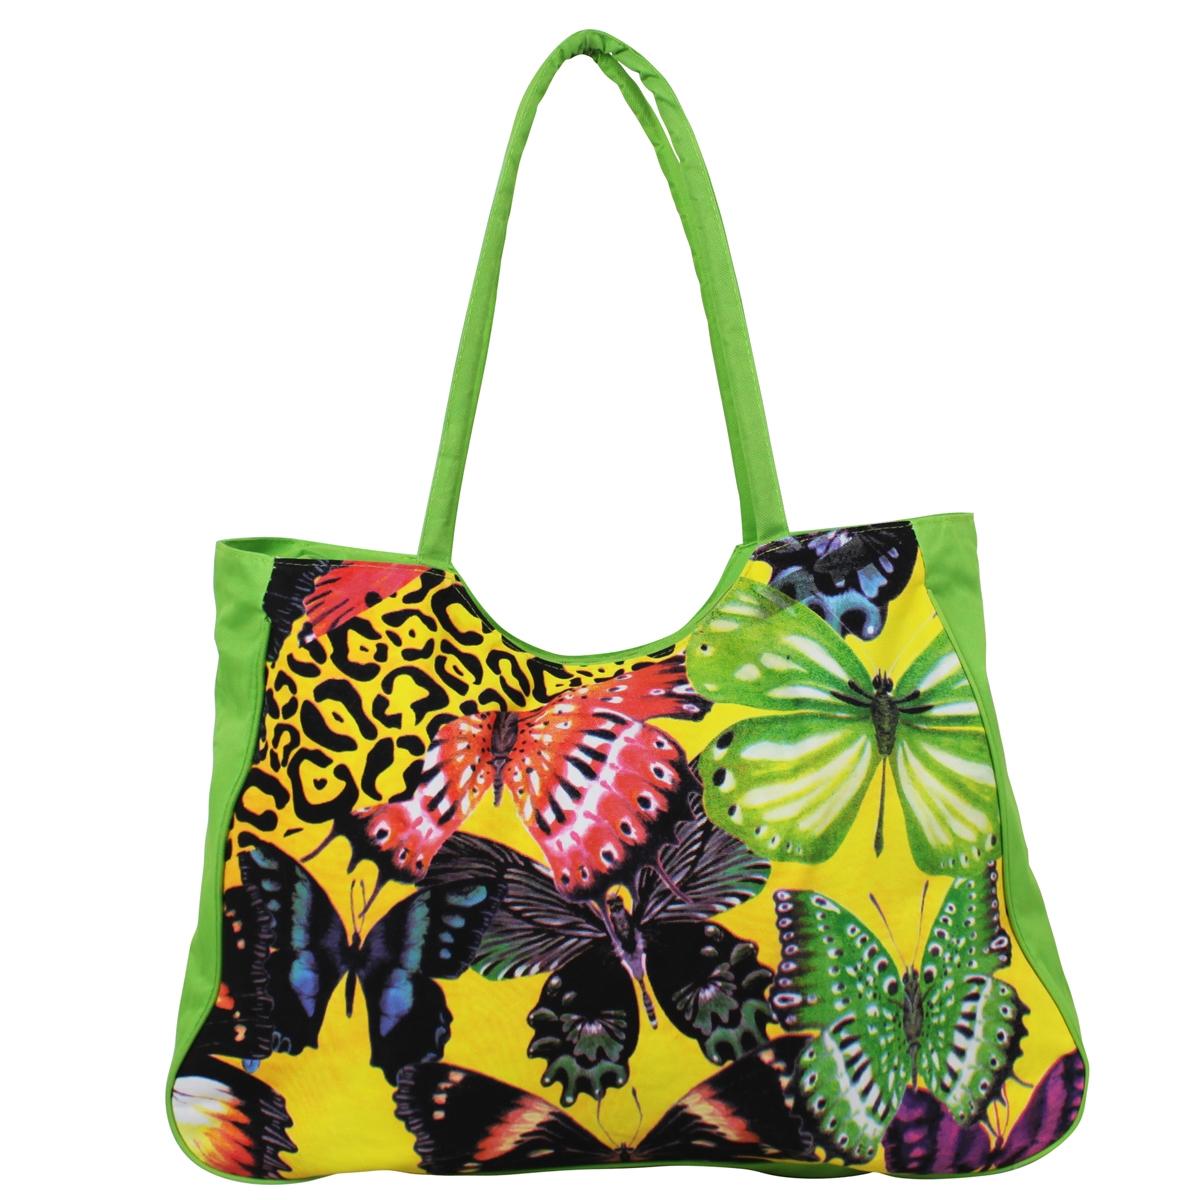 sac de plage pas cher pour femme l ger et original. Black Bedroom Furniture Sets. Home Design Ideas